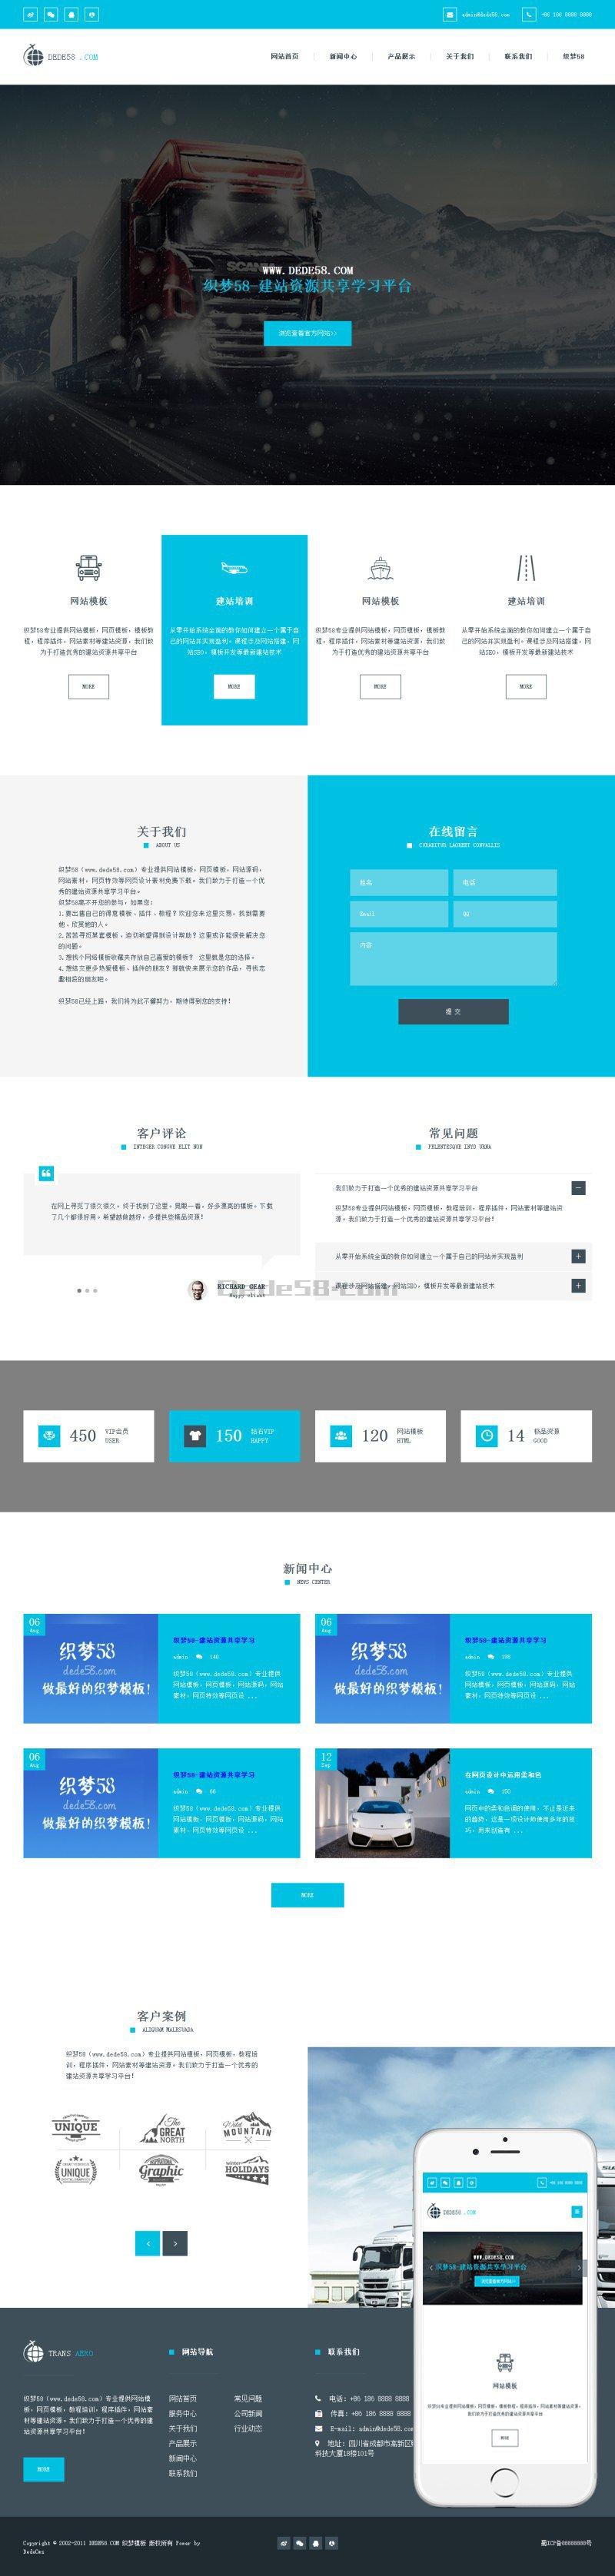 [织梦模板]高端红蓝绿简洁响应式企业通用dedecms模板(自适应)